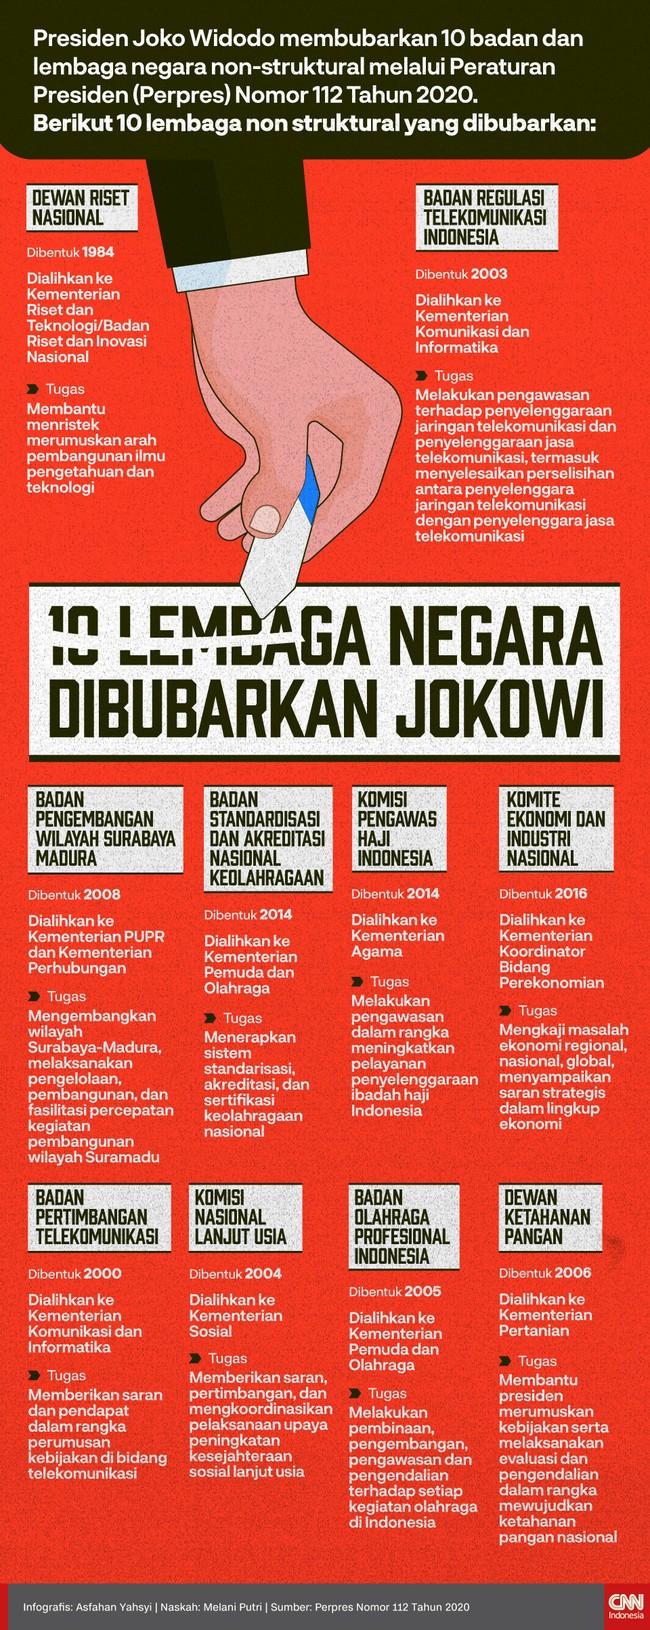 Sebanyak 10 badan dan lembaga negara non-struktural dibubarkan oleh Presiden Joko Widodo. Dua di antaranya Dewan Riset Nasional dan Dewan Ketahanan Pangan.